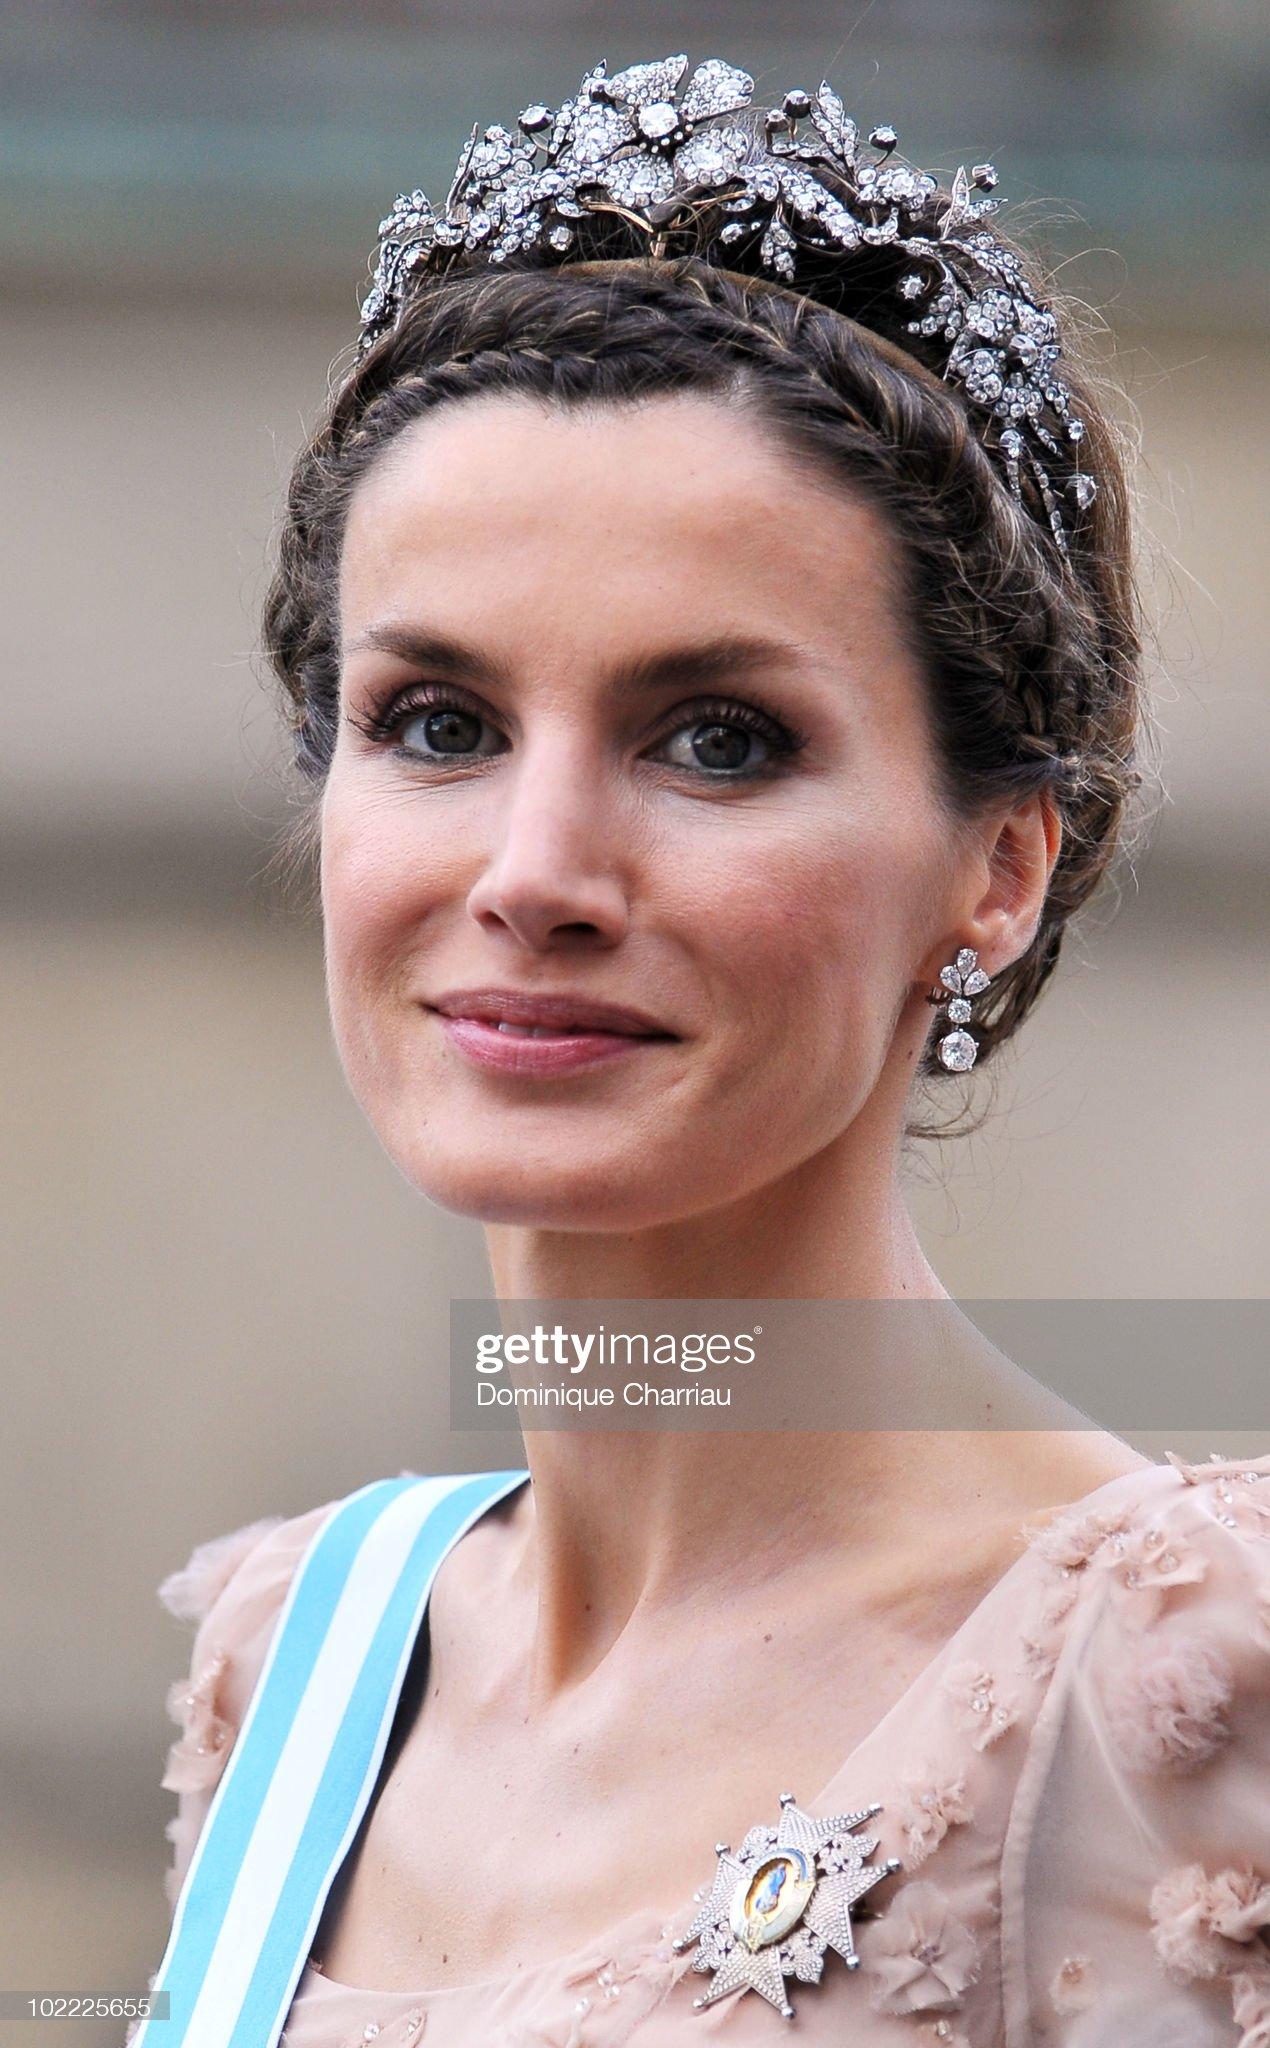 Вечерние наряды Королевы Летиции Crown Princess Victoria & Daniel Westling: Cortege : News Photo